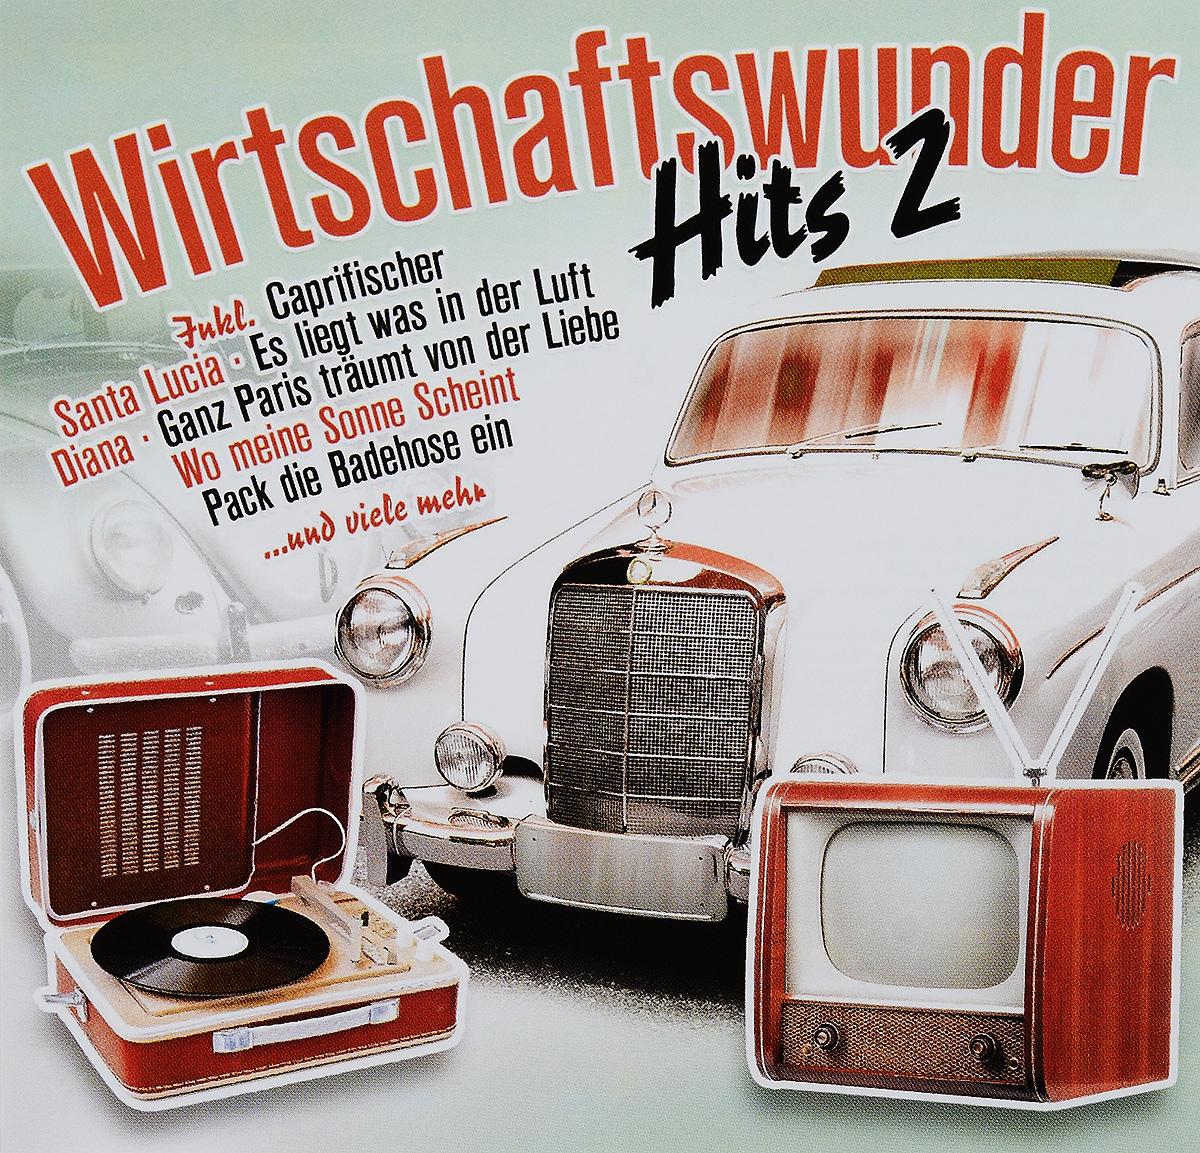 Wirtschaftswunder Hits 2 (2 CD) недорого